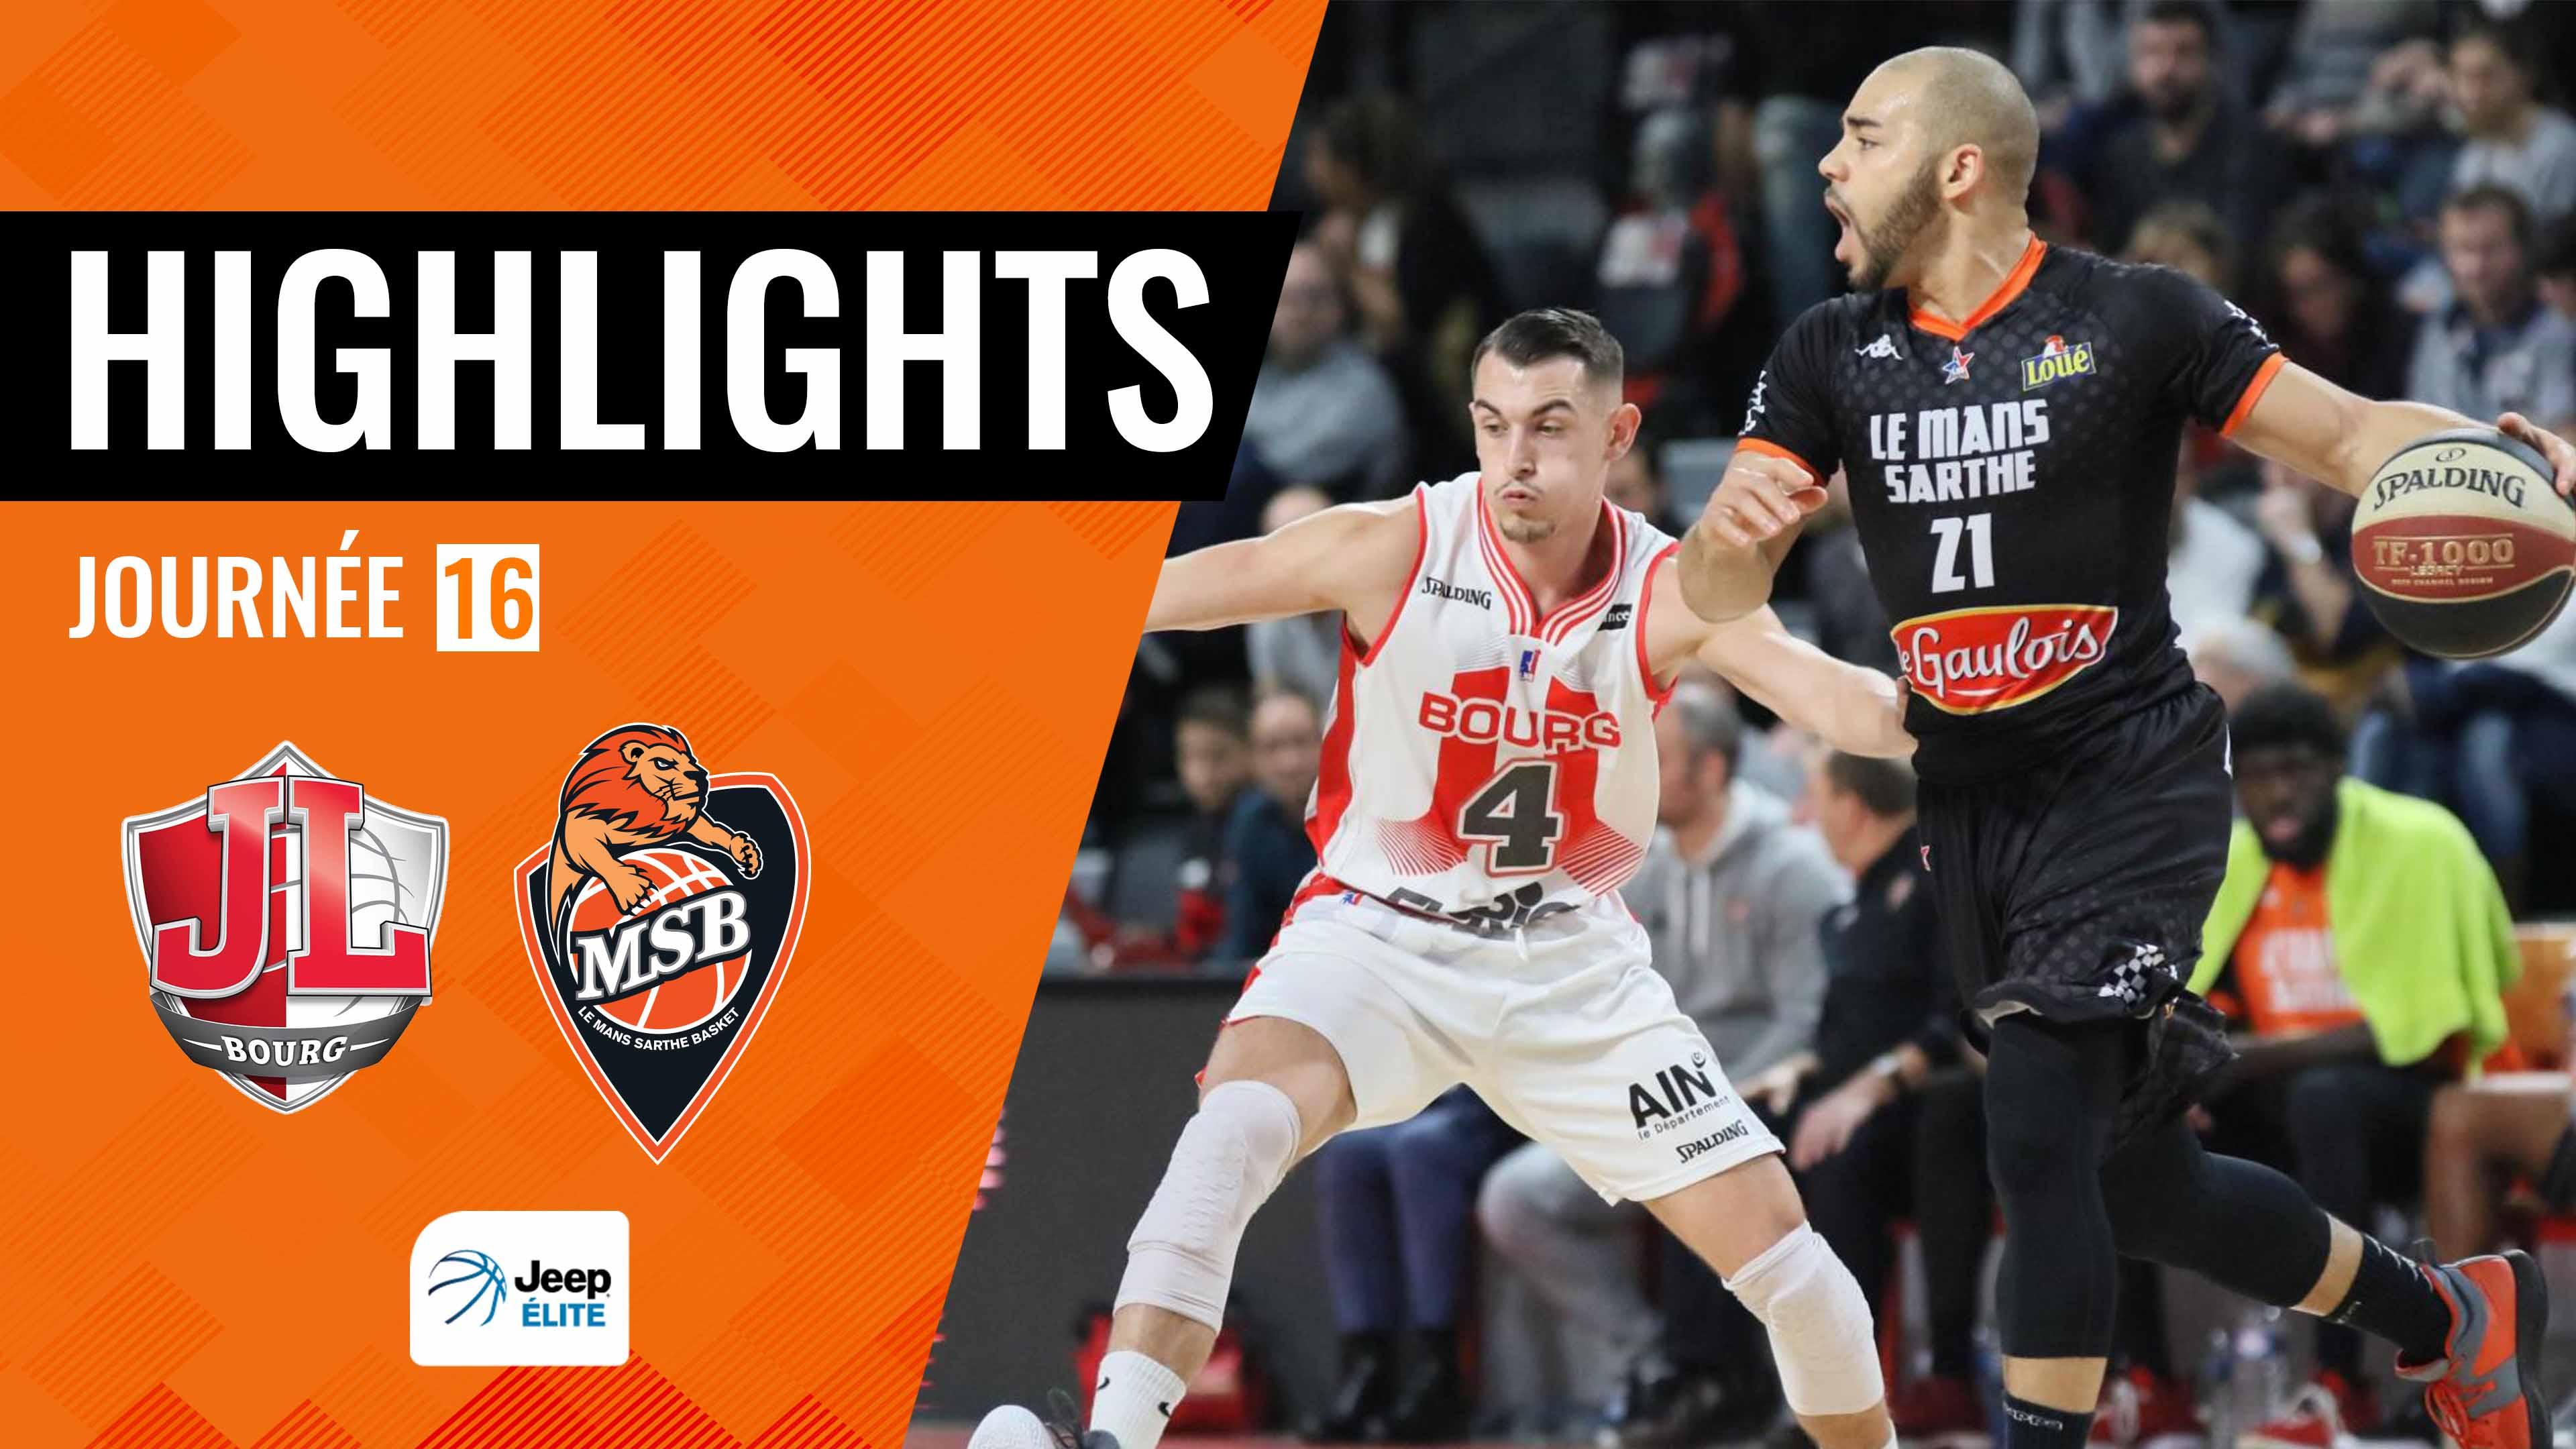 Highligths Bourg-en-Bresse vs. MSB